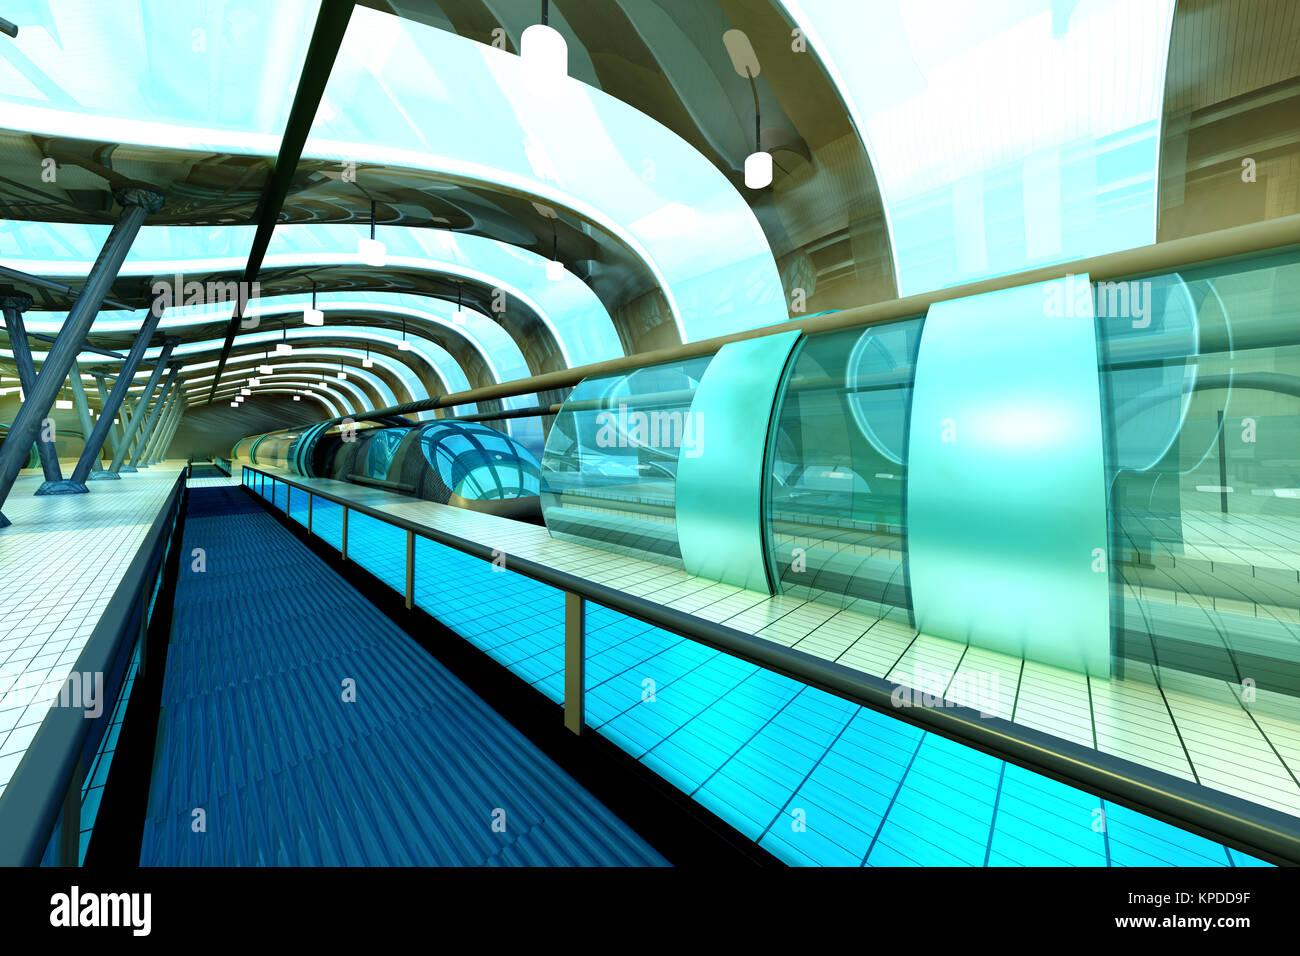 Eine futuristische u bahn oder zum bahnhof 3d architektur visualisierung stockfoto bild - Futuristische architektur ...